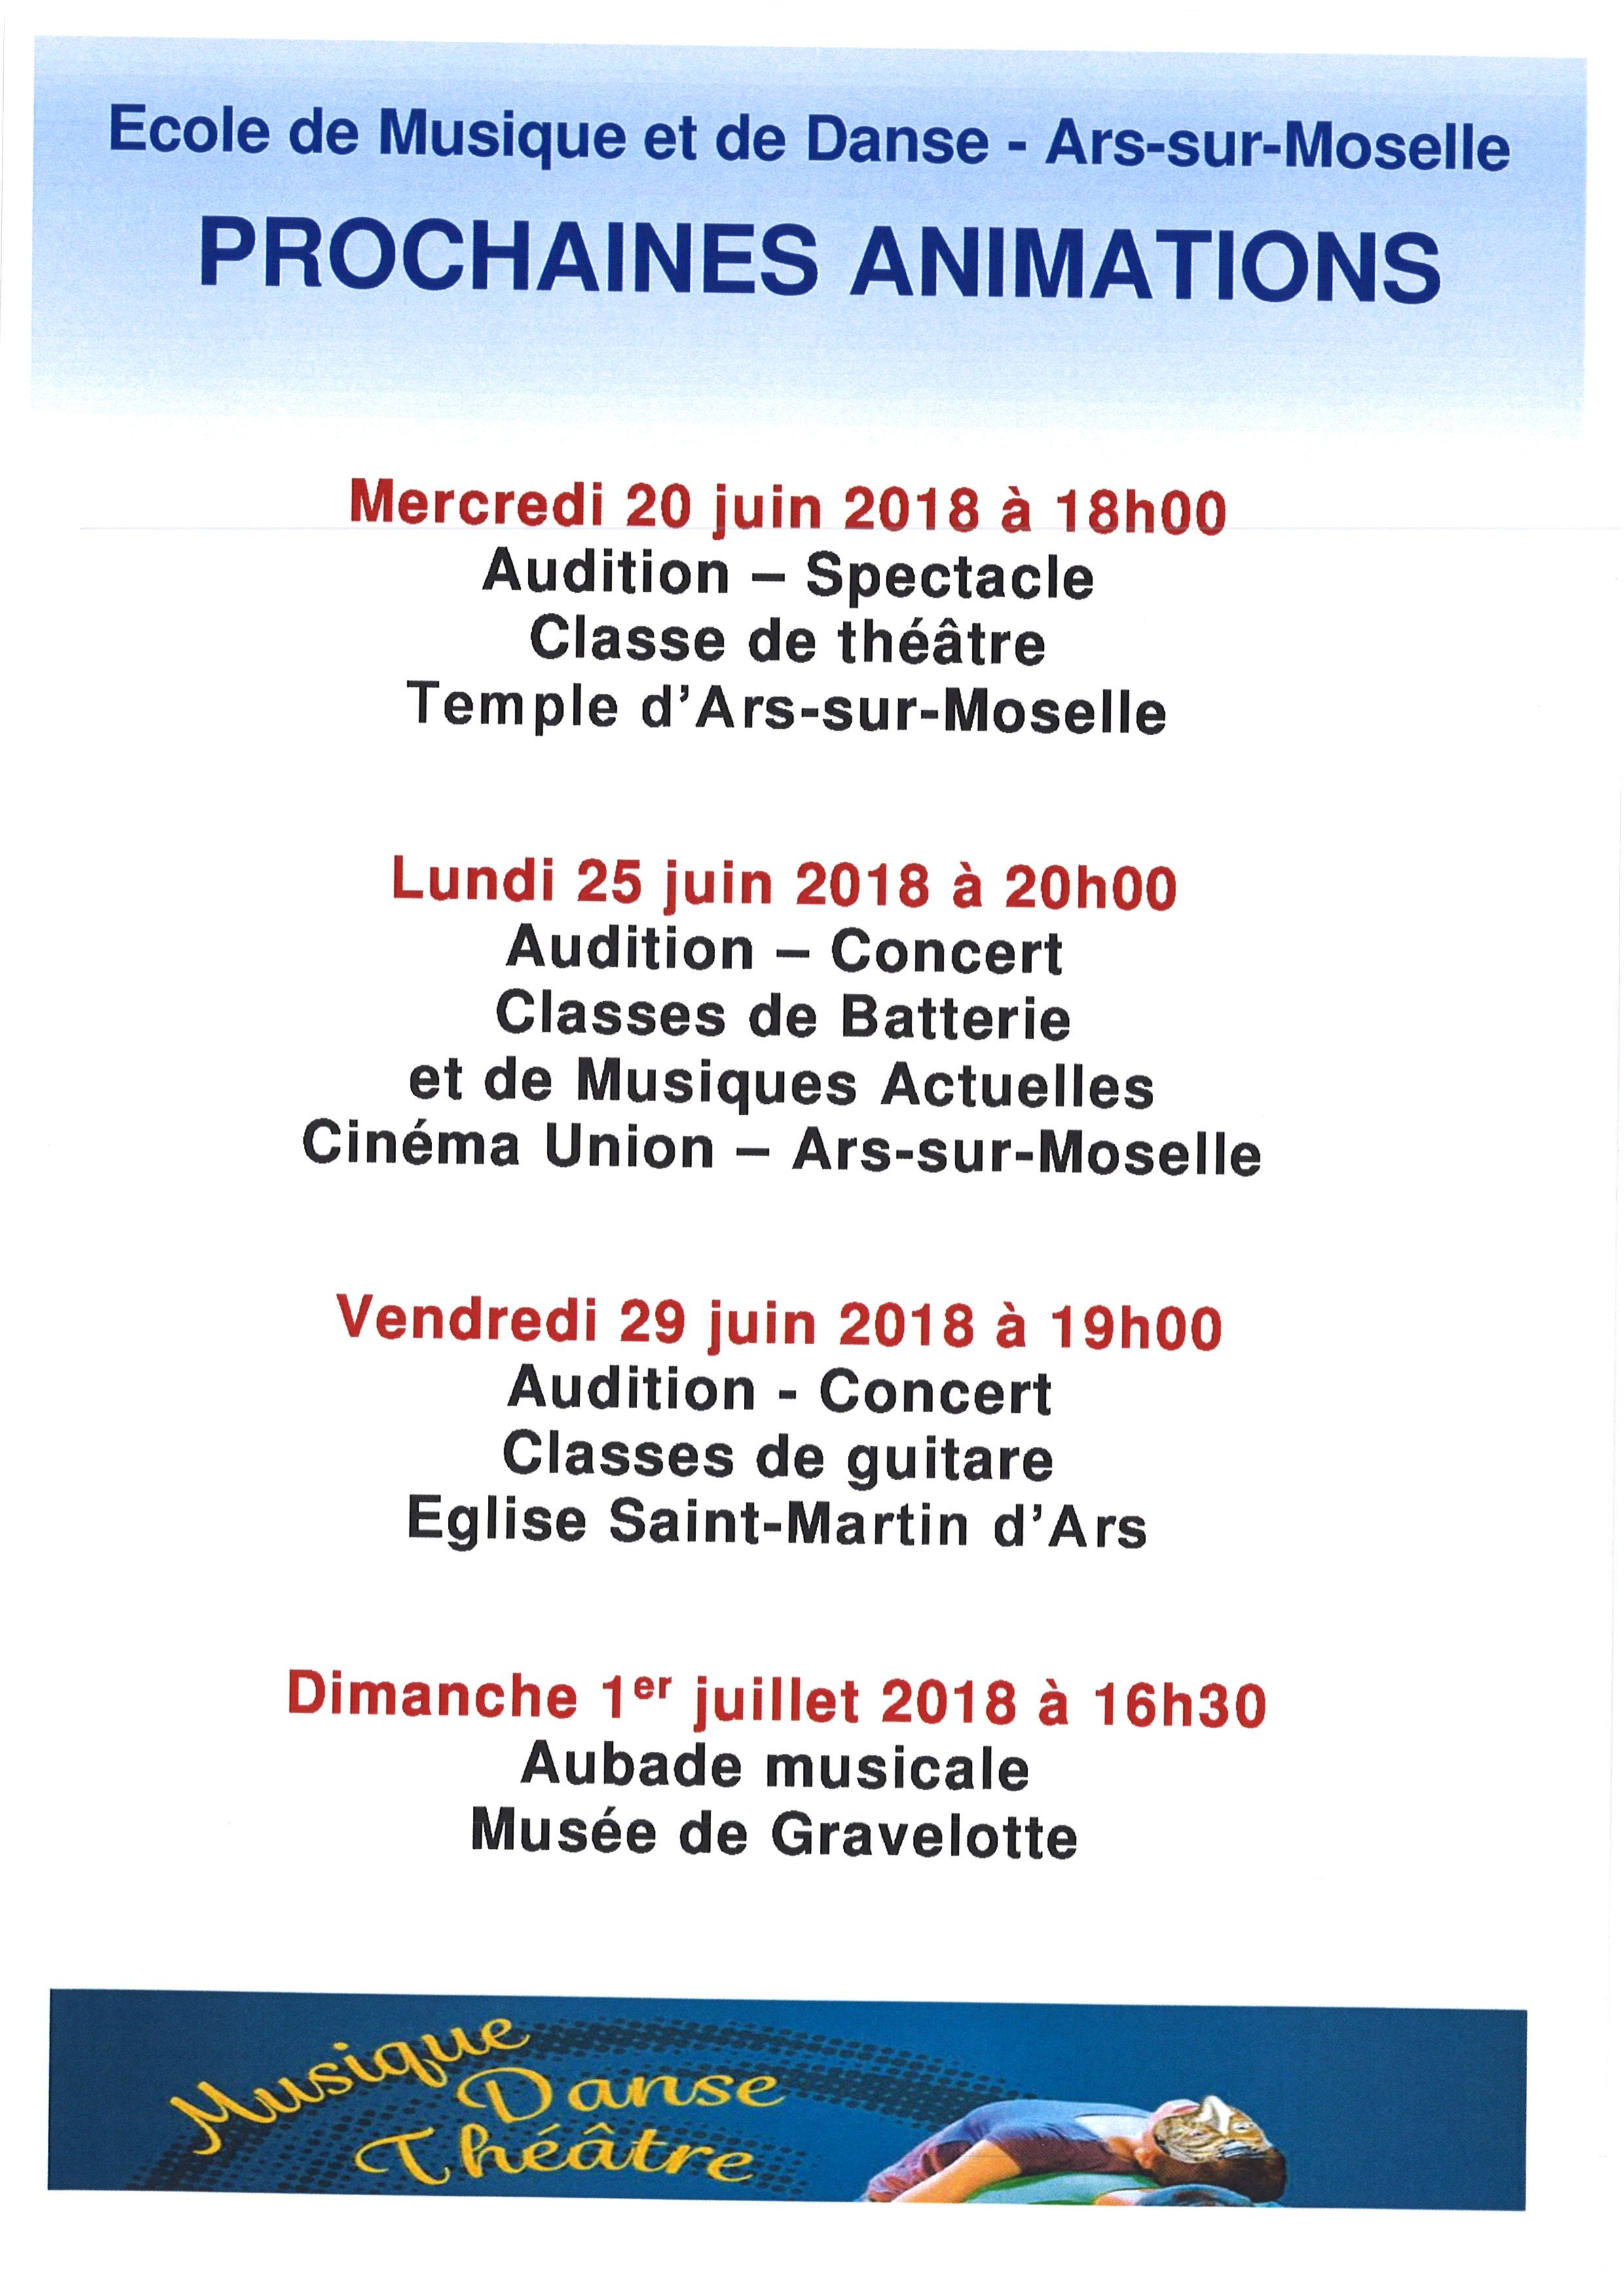 ECOLE DE MUSIQUE ET DE DANSE prochaines animations juin/juillet